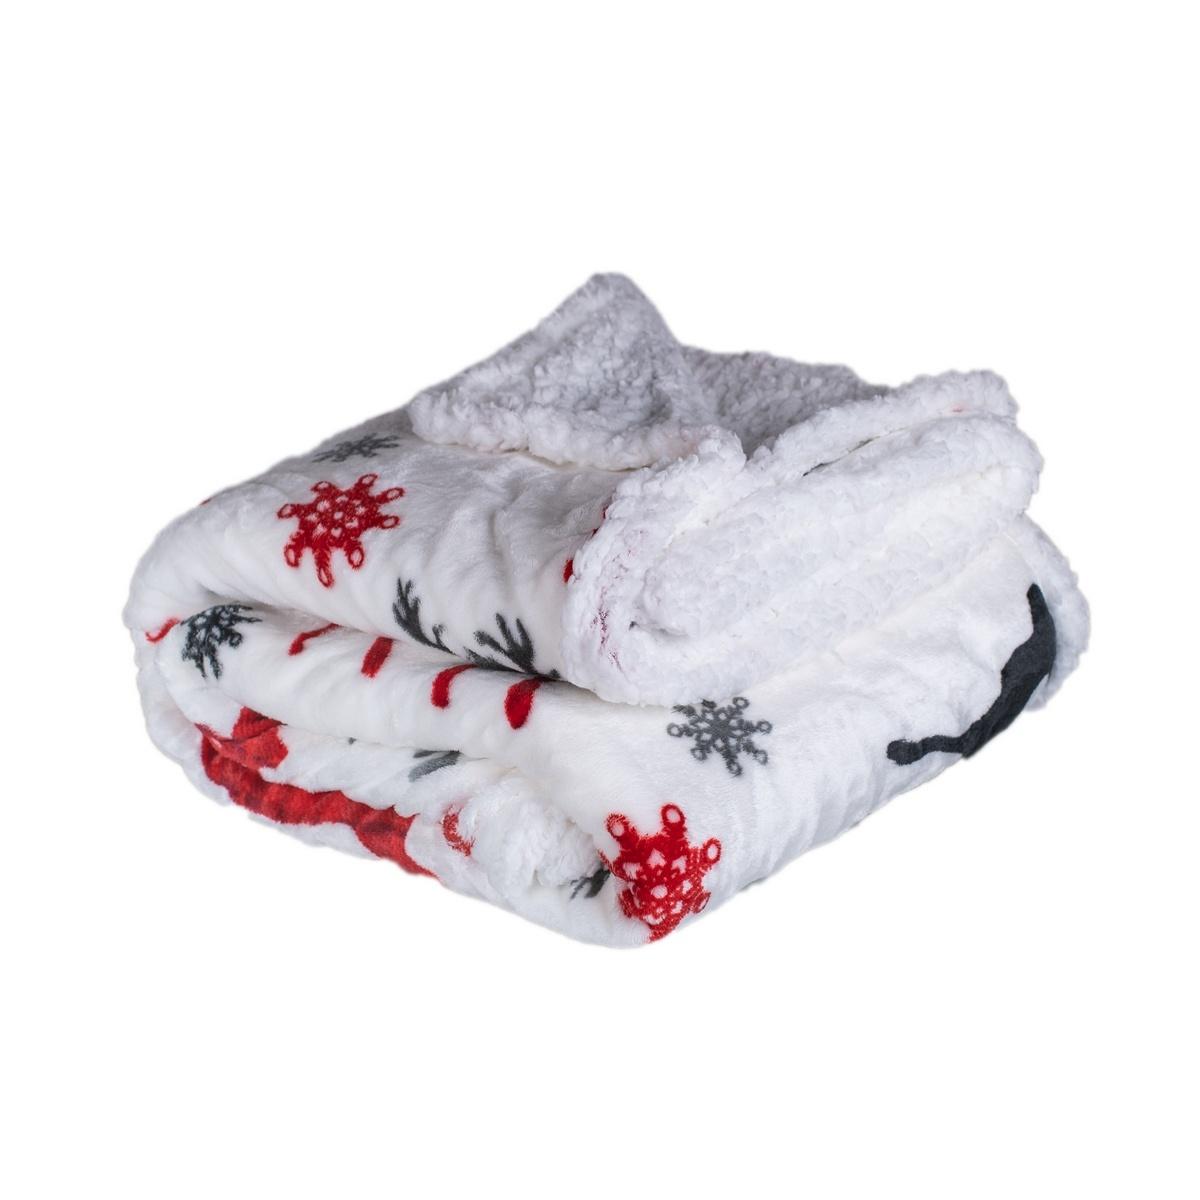 Pătură imitație blană de miel Cerb, roșie, 150 x 200 cm imagine 2021 e4home.ro